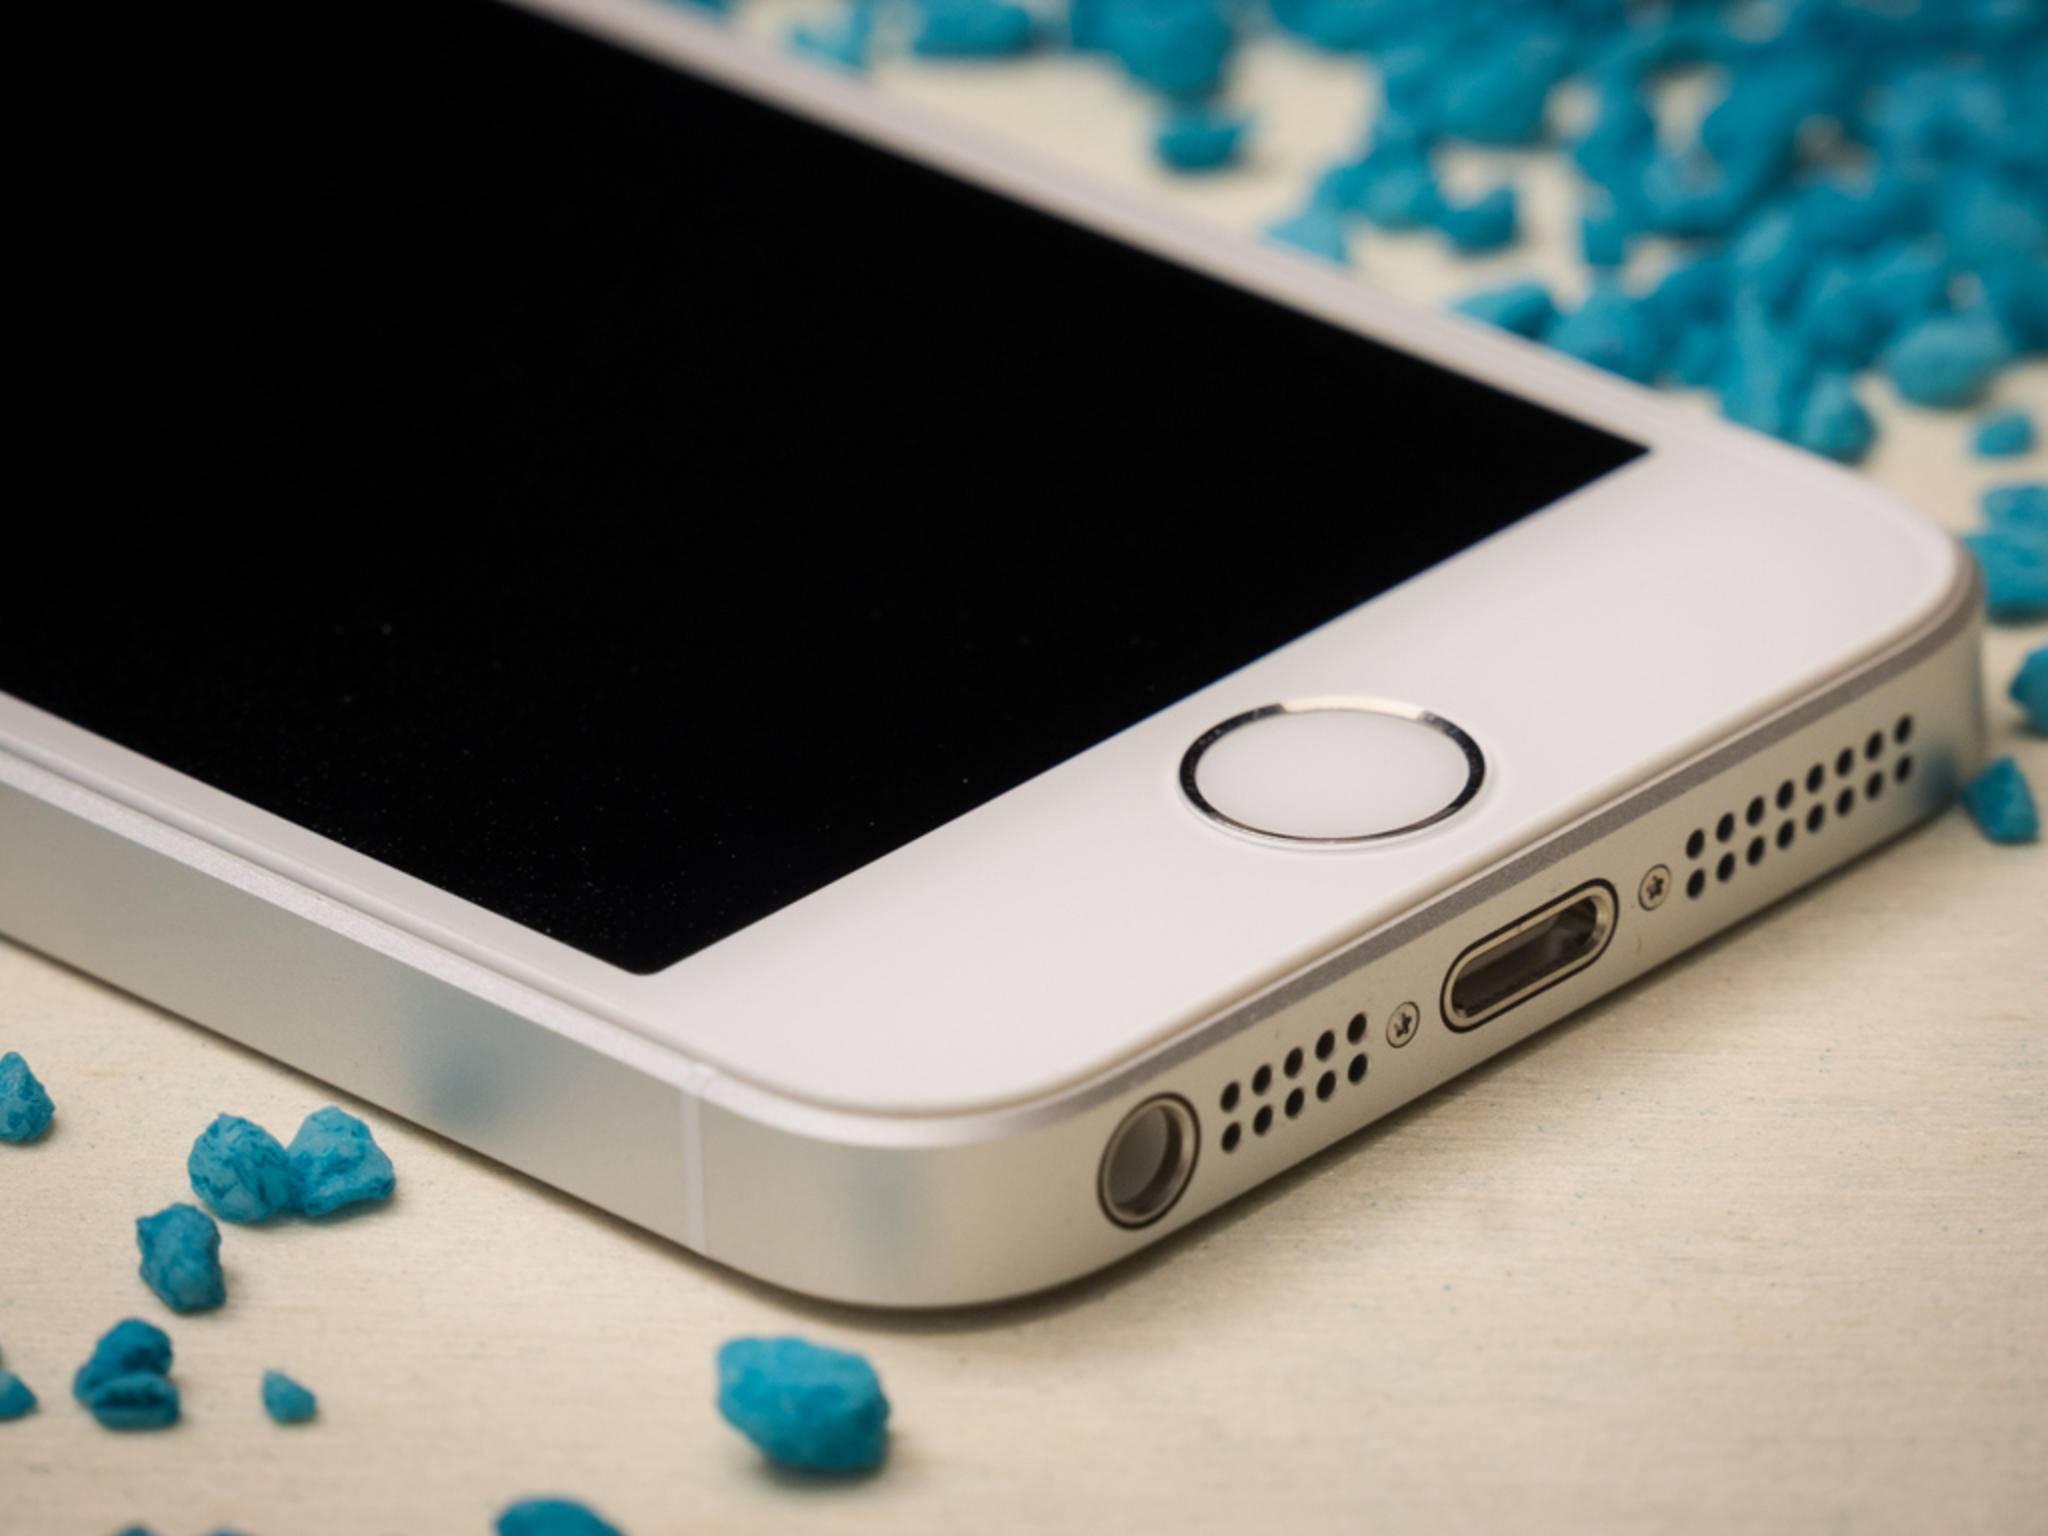 Fällt der Home-Button des iPhone zukünftig weg?